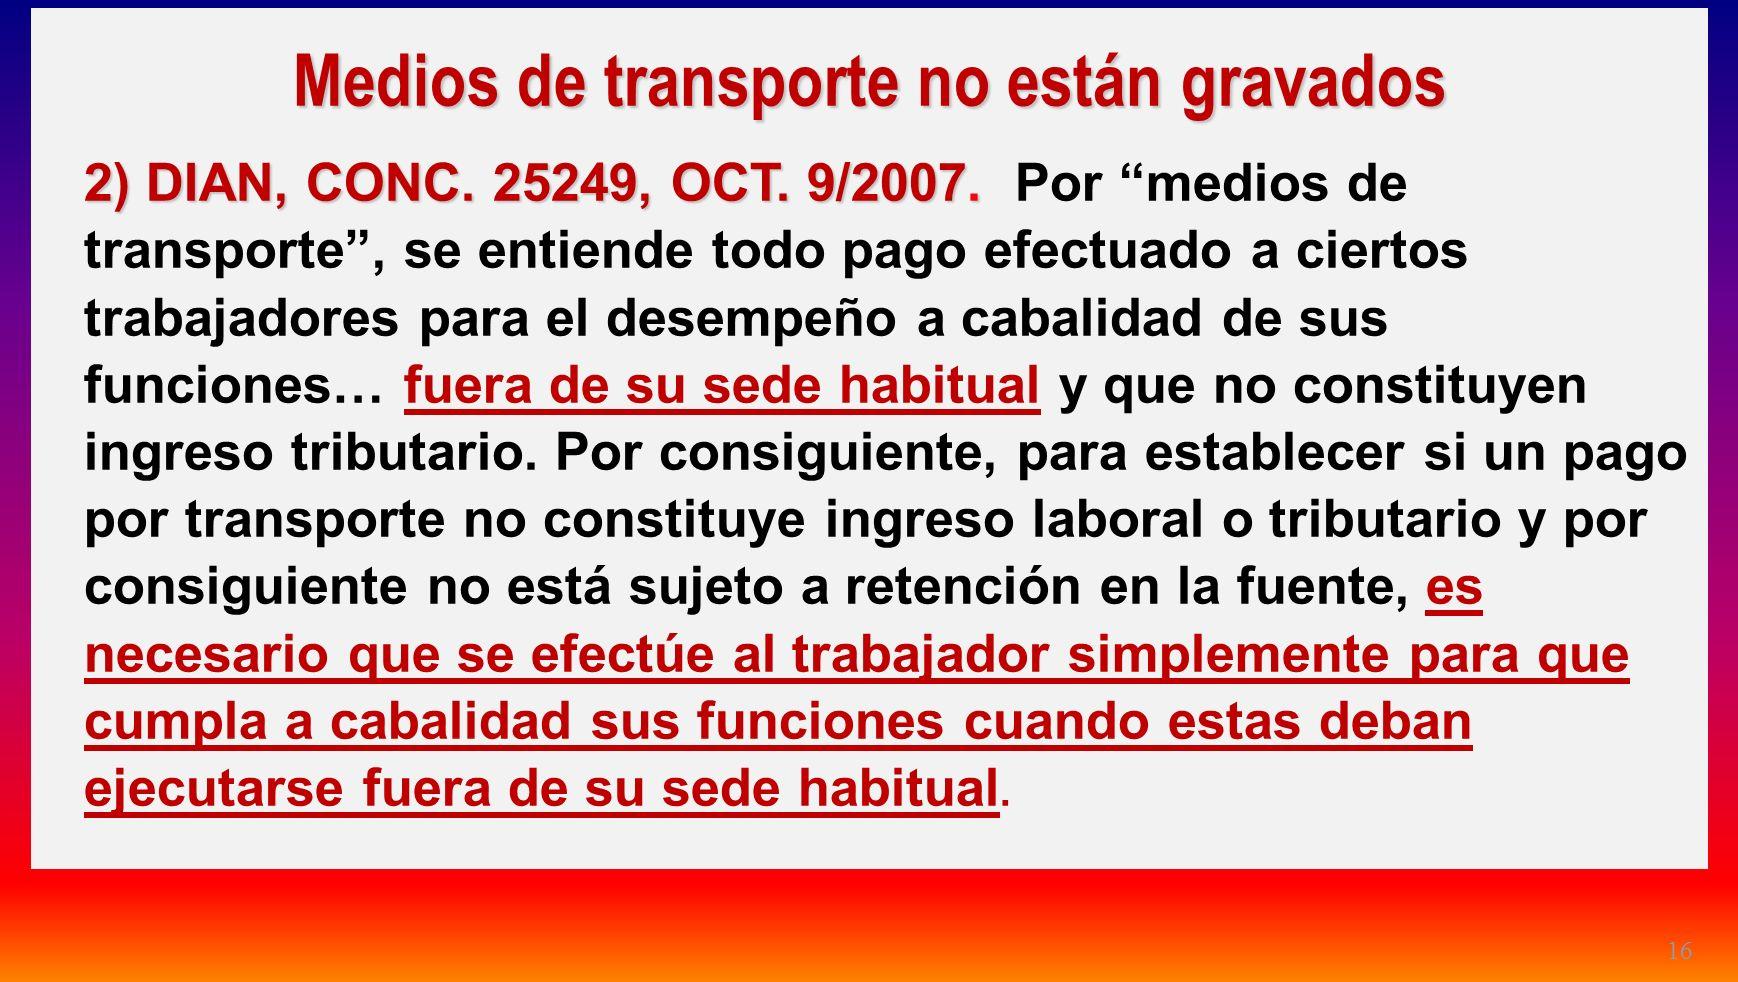 16 Medios de transporte no están gravados 2) DIAN, CONC. 25249, OCT. 9/2007. 2) DIAN, CONC. 25249, OCT. 9/2007. Por medios de transporte, se entiende